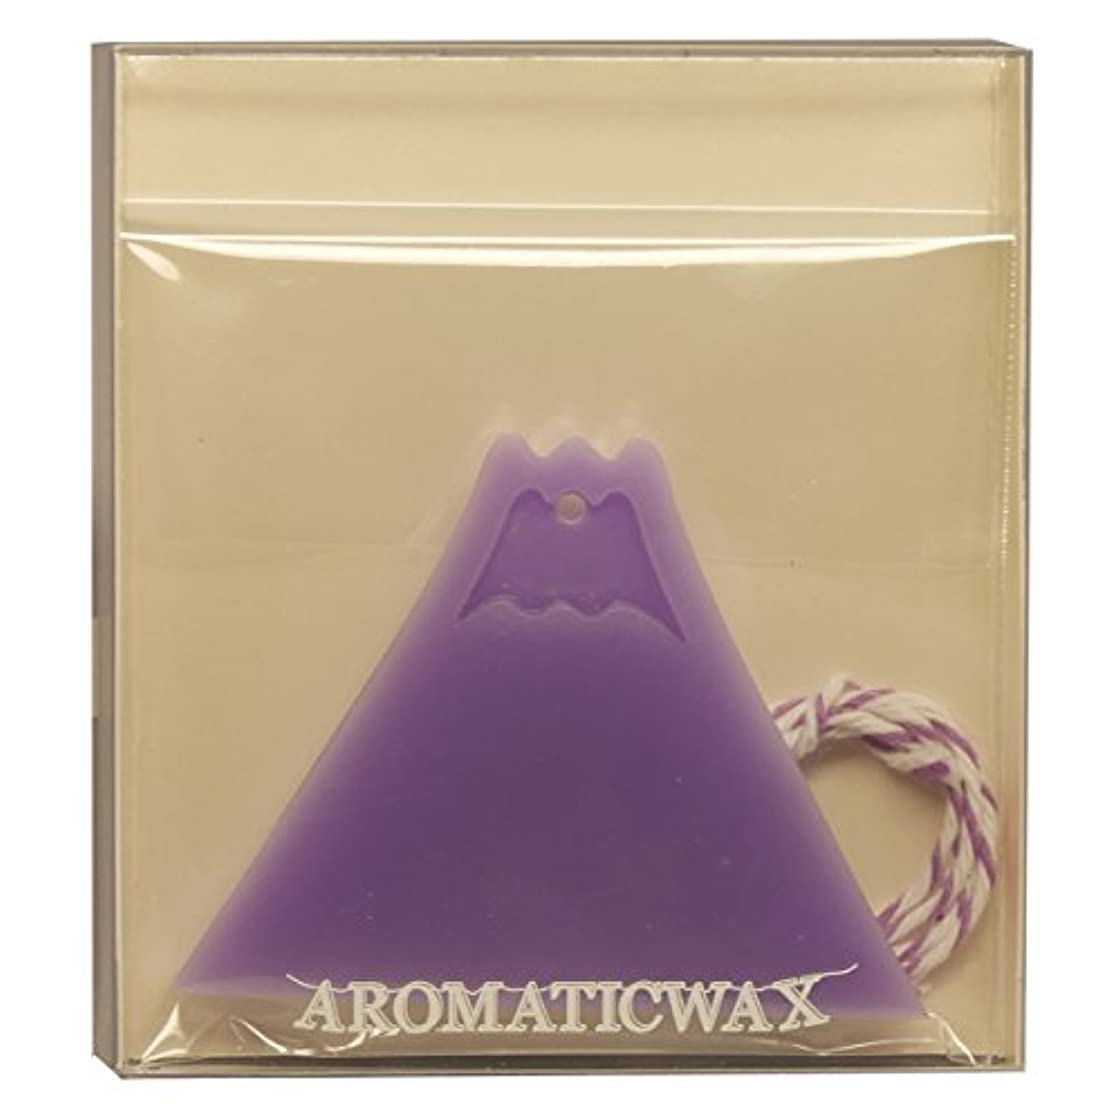 スワップ定期的な世界に死んだGRASSE TOKYO AROMATICWAXチャーム「富士山」(PU) ラベンダー アロマティックワックス グラーストウキョウ